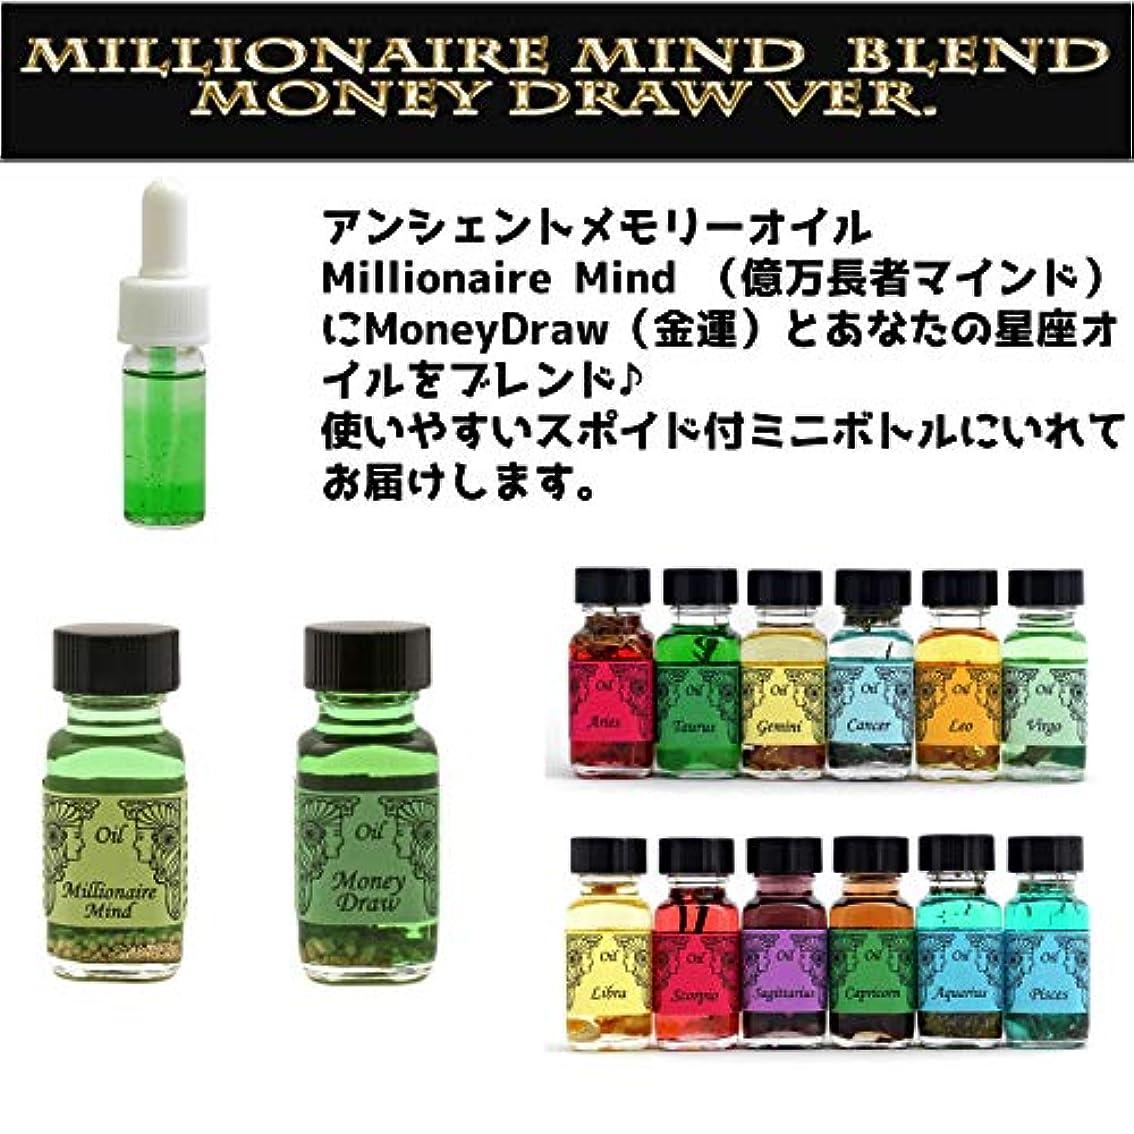 ファイバ小康興味アンシェントメモリーオイル Millionaire Mind 億万長者マインド ブレンド(Money Drawマネードロー(金運)&みずがめ座